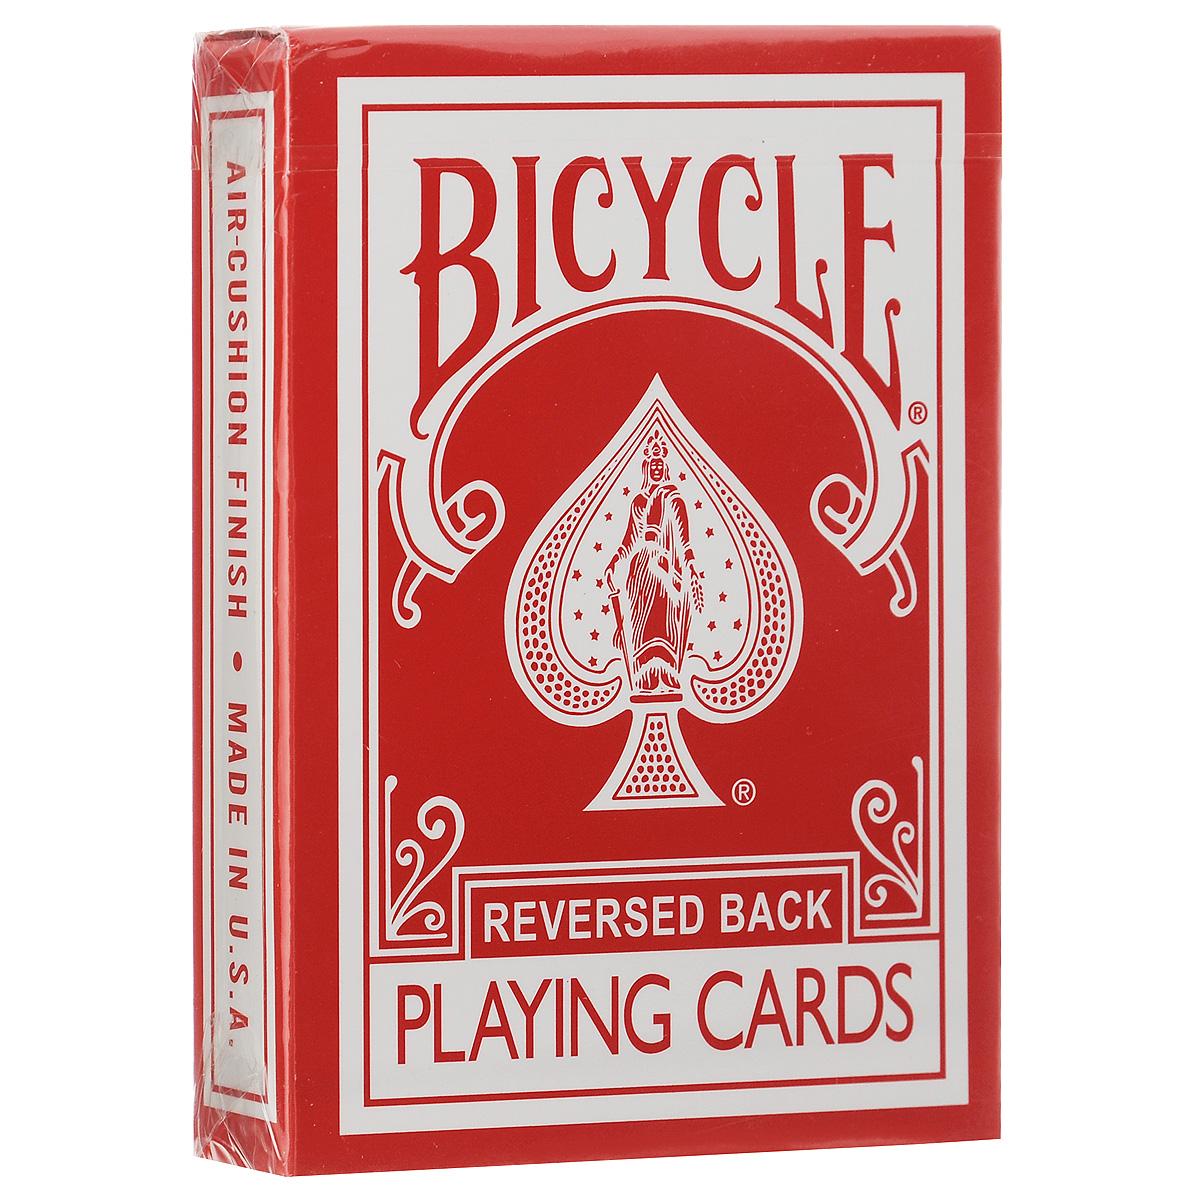 Карты игральные Bicycle Reversed Back, цвет: красныйК-225Игральные карты Bicycle Reversed Back станут прекрасным подарком для всех любителей карточных игр. Карты этой оригинальной колоды имеют стильный и реалистичный старинный вид. Такие карты подходят для фокусов, покера и любых других карточных игр. Идеальный вариант как для новичков, так и для профессионалов. Кроме 52 стандартных карт в этой колоде вы найдете 4 дополнительных специальных карты, которые вознесут вас к вершинам мастерства.